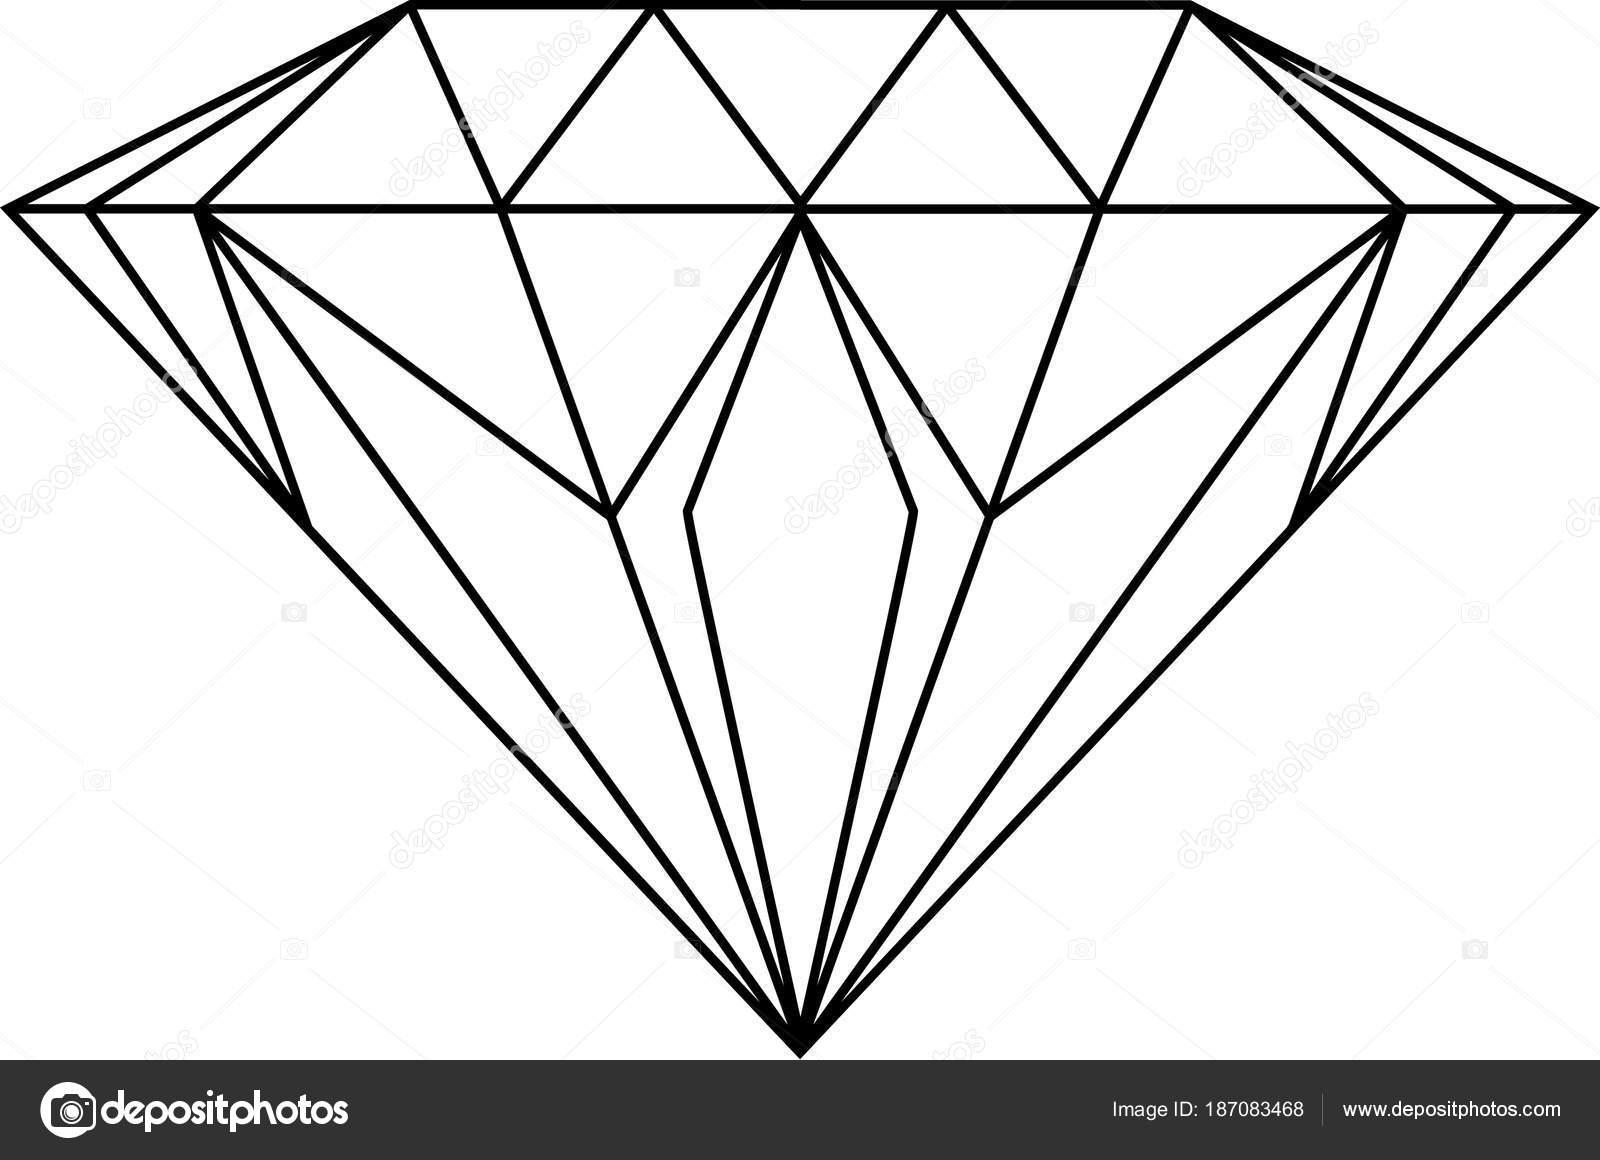 diamond drawing drawing diamond white stock photo c jamesstar 187083468 https depositphotos com 187083468 stock photo drawing diamond white html